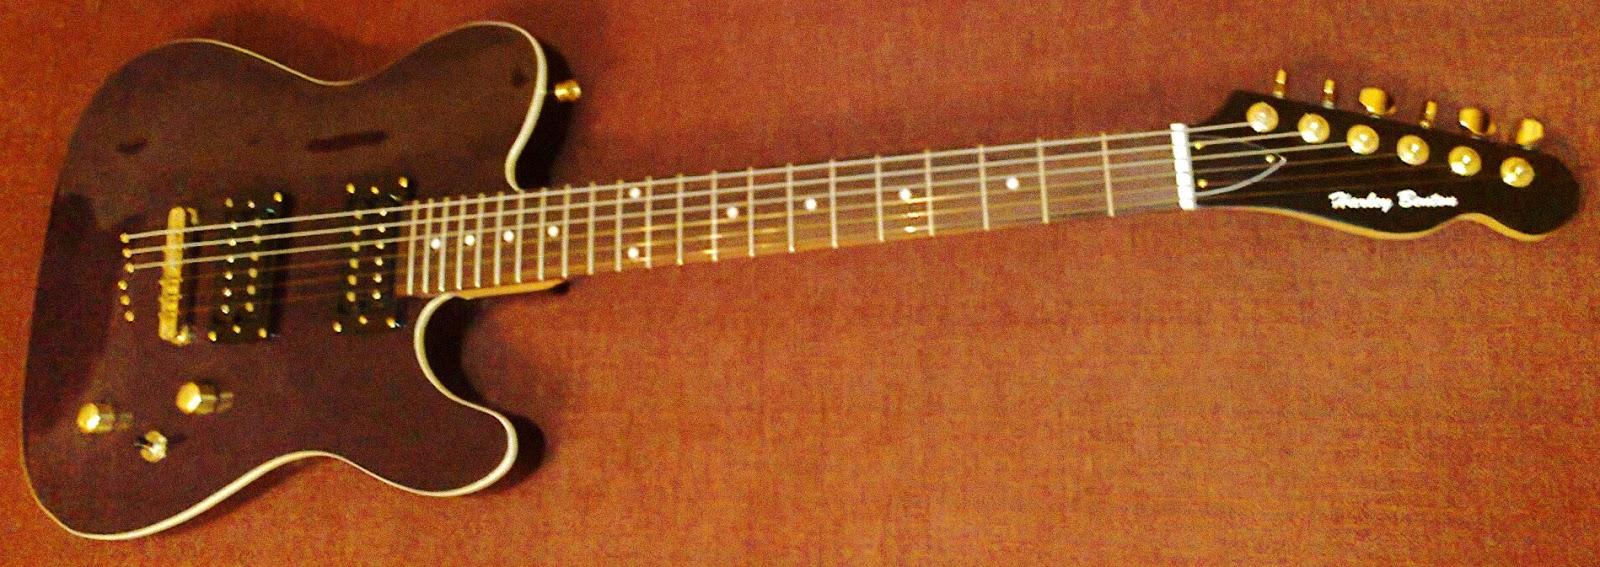 Harley Benton Tele guitar (TE-40bk) | Guitar Dreamer